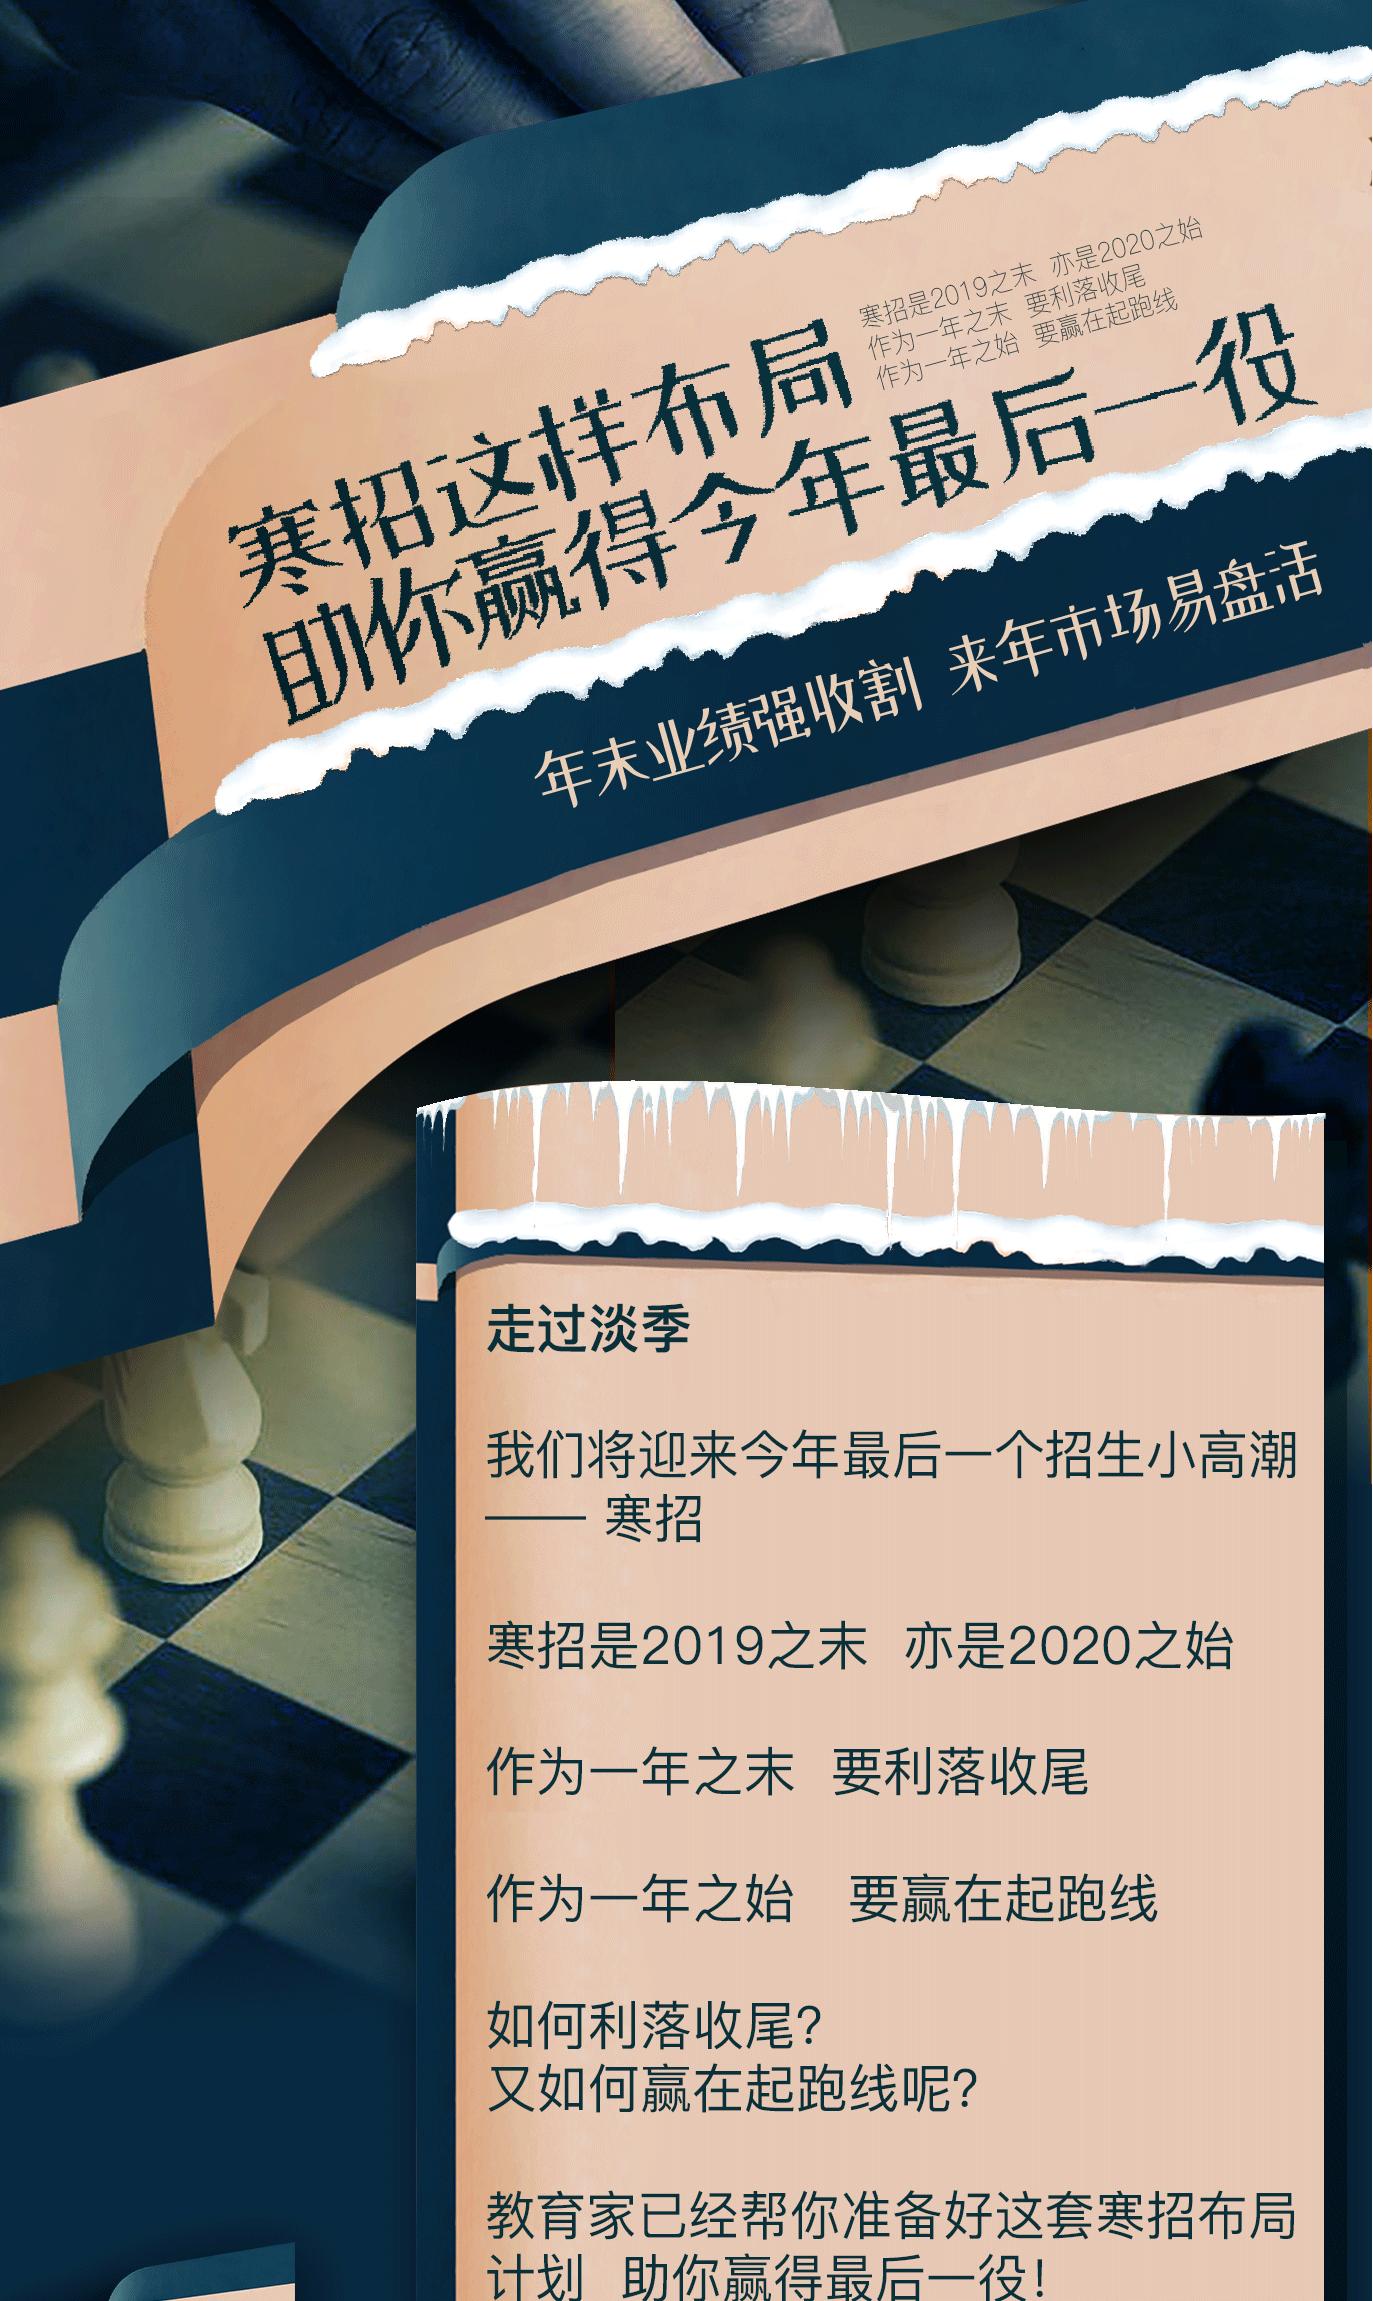 寒招布局_02.png